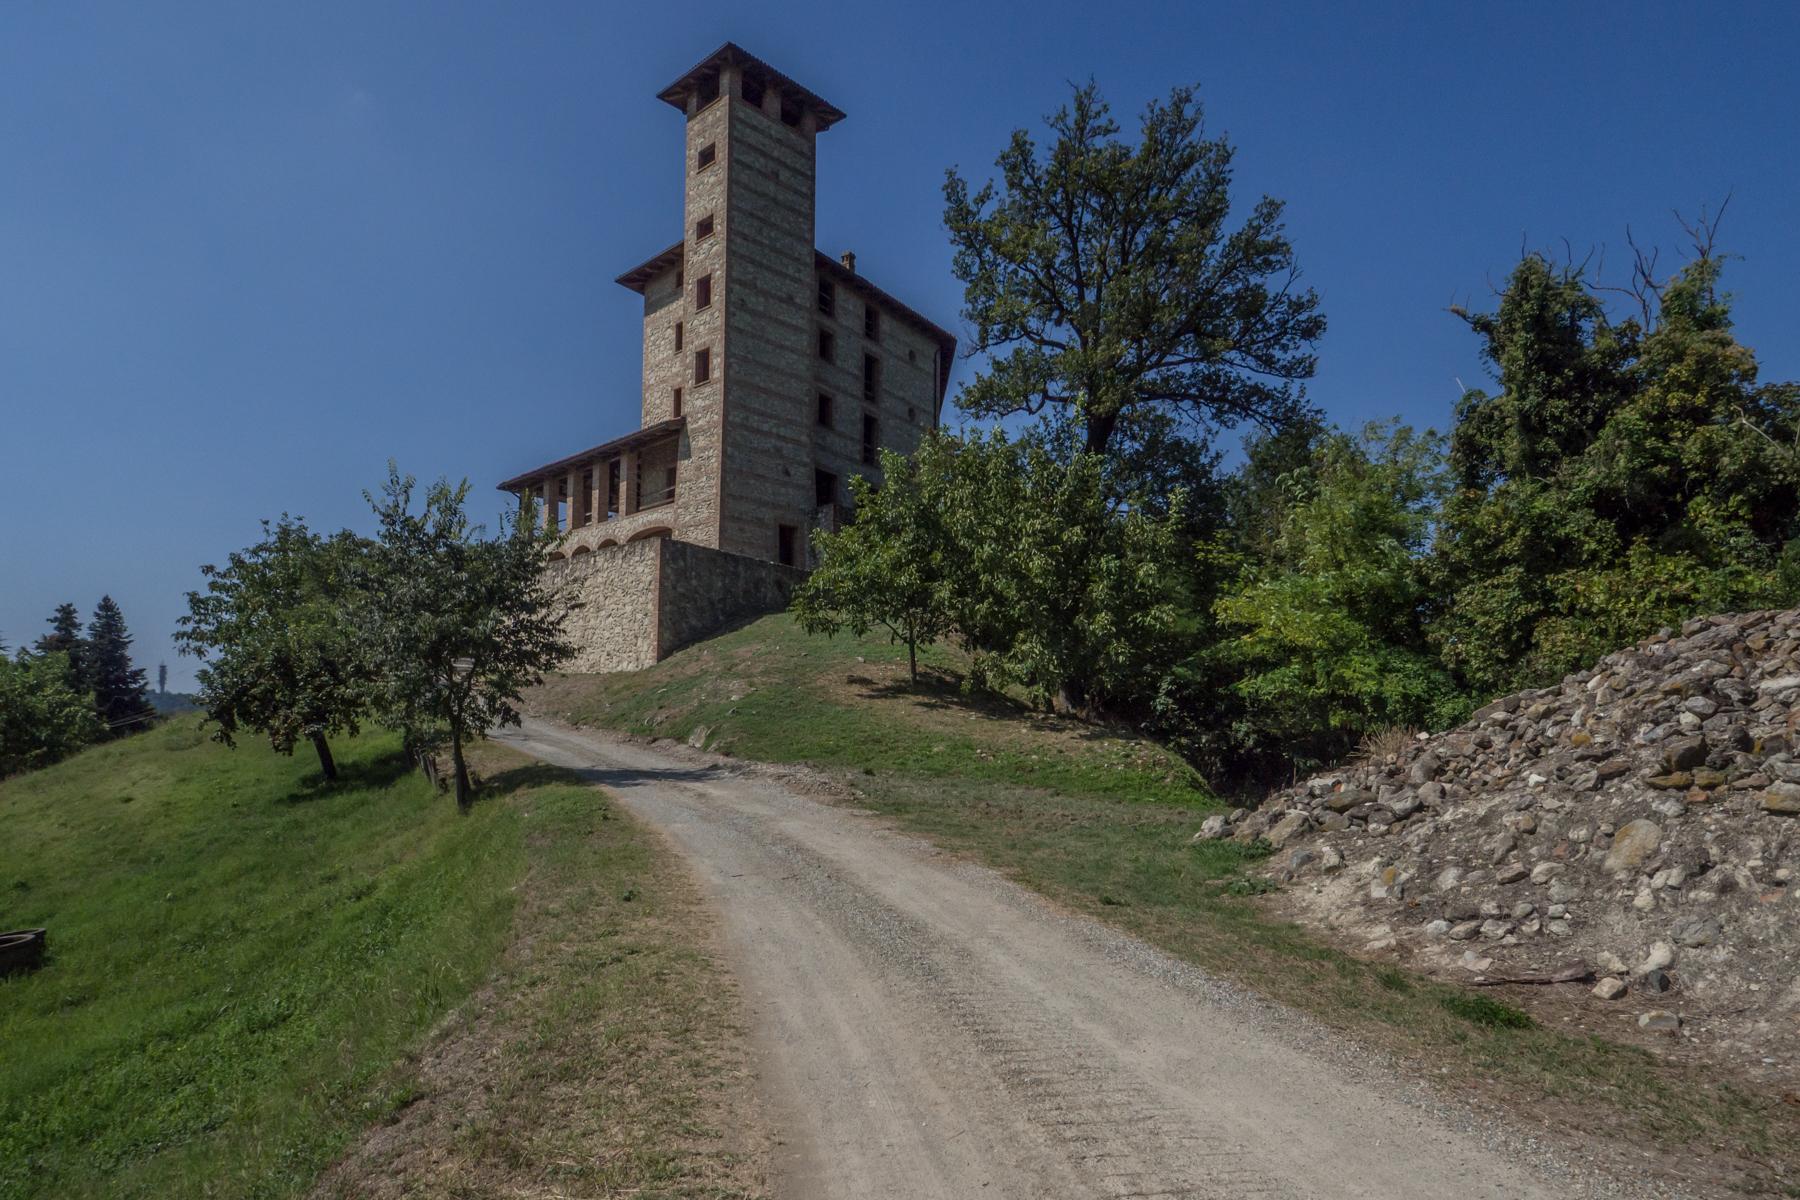 Villa in Vendita a Odalengo Piccolo via pessine